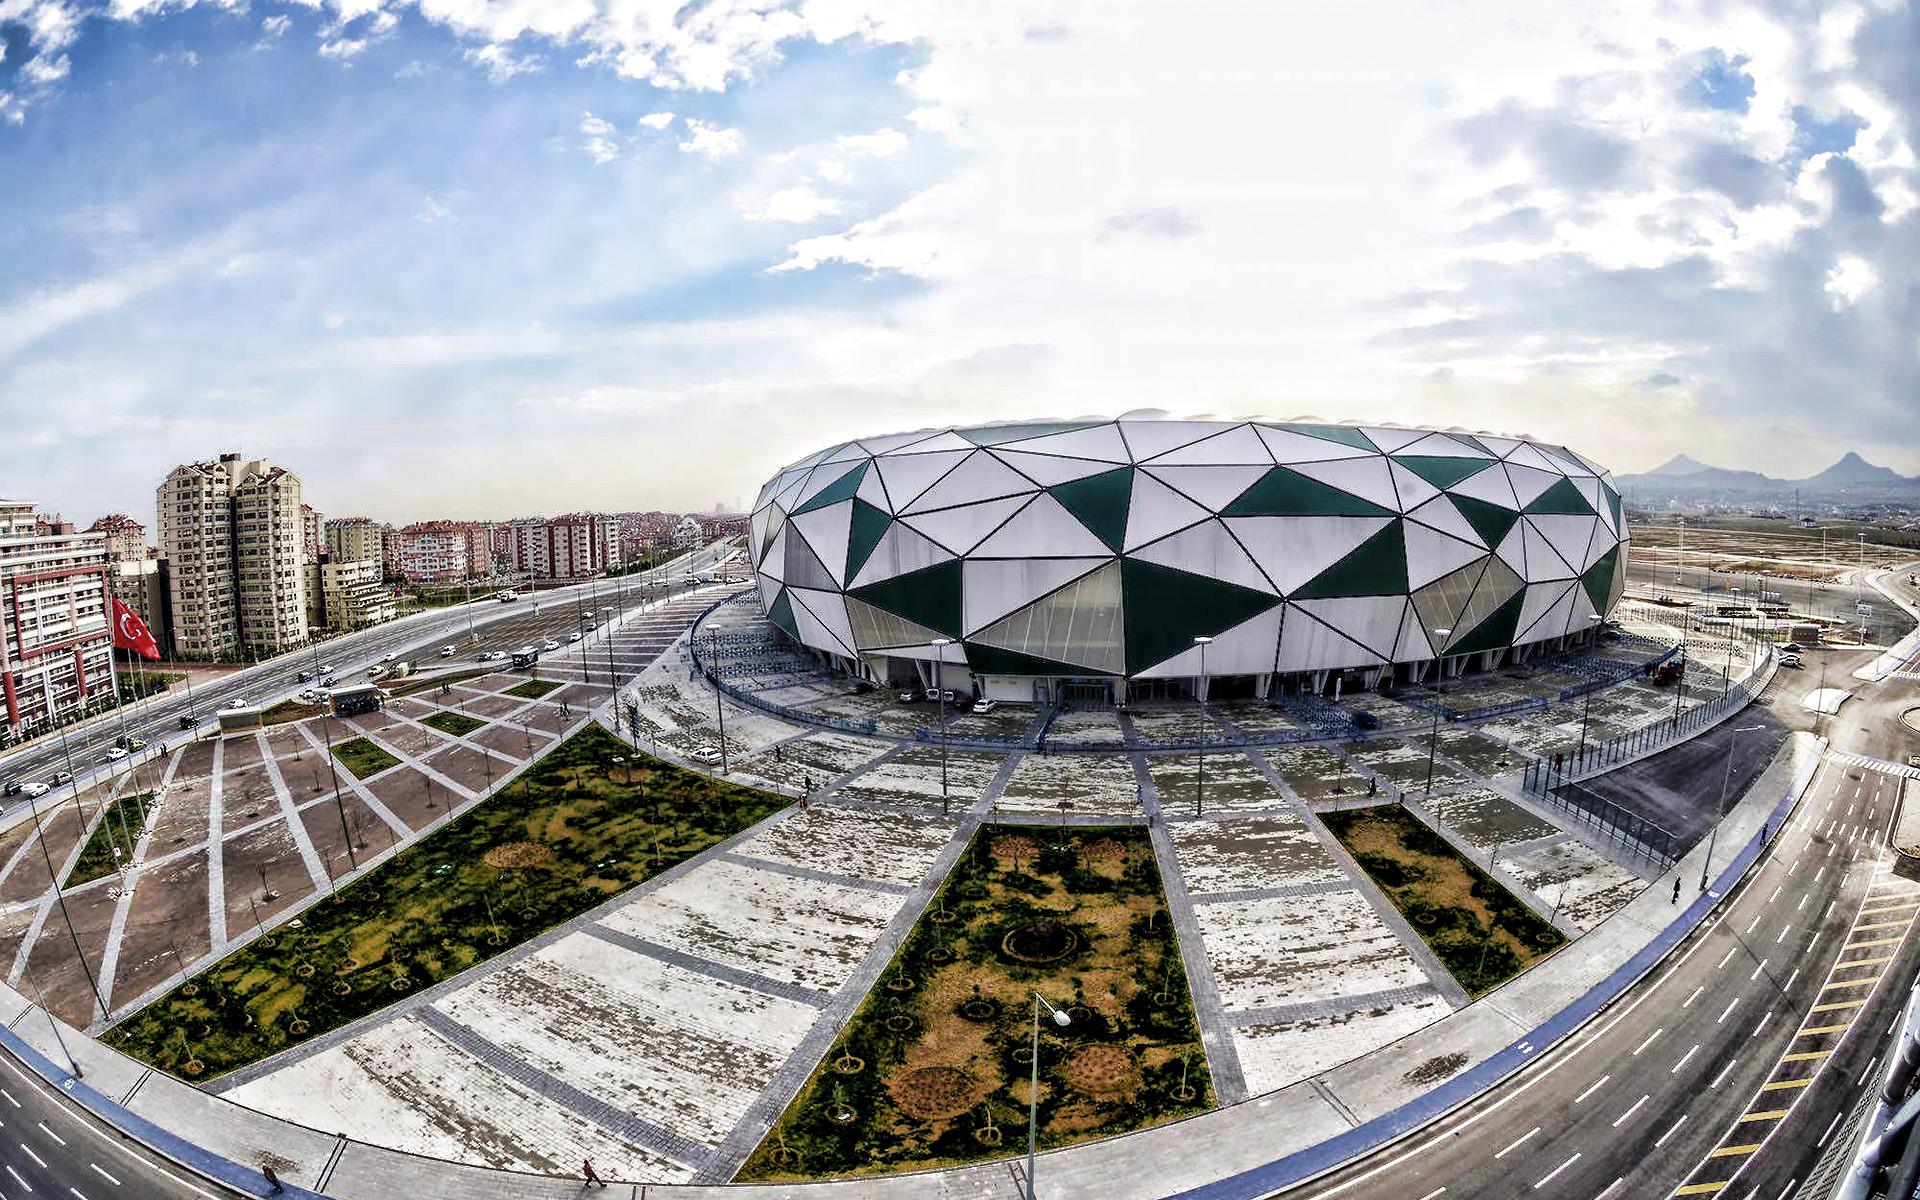 The city stadium in Konya